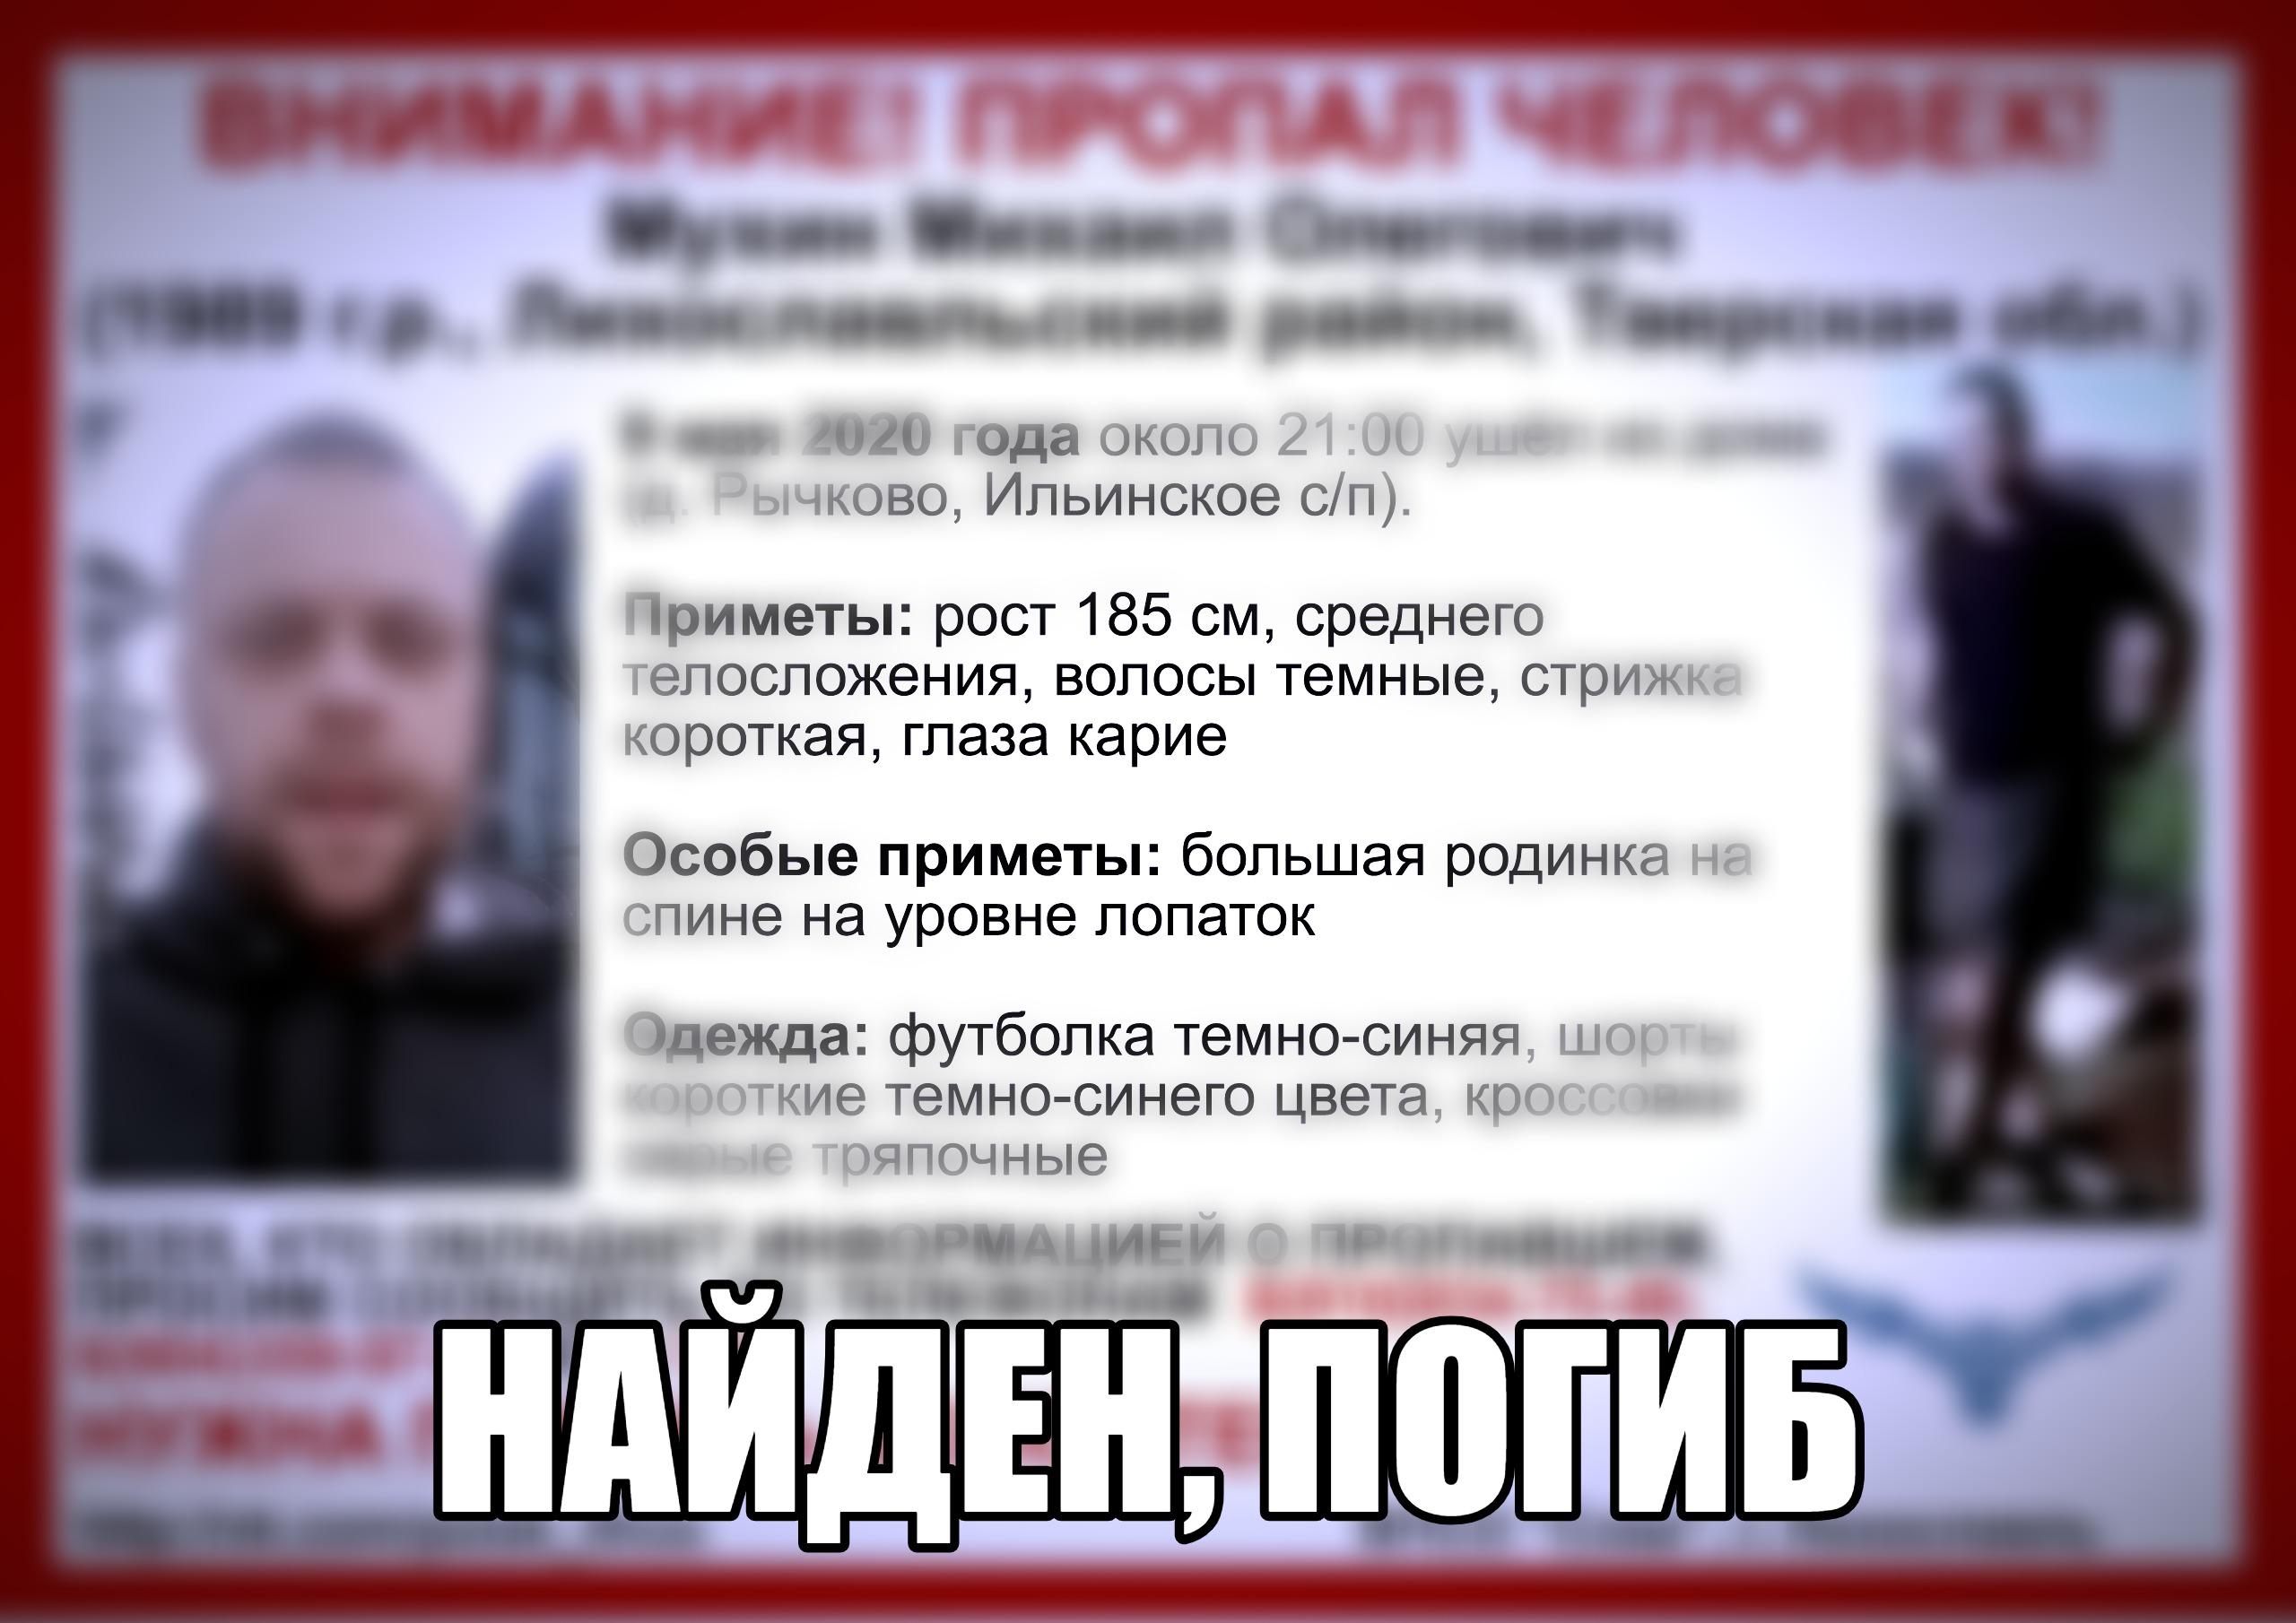 Пропавший мужчина из Тверской области найден погибшим